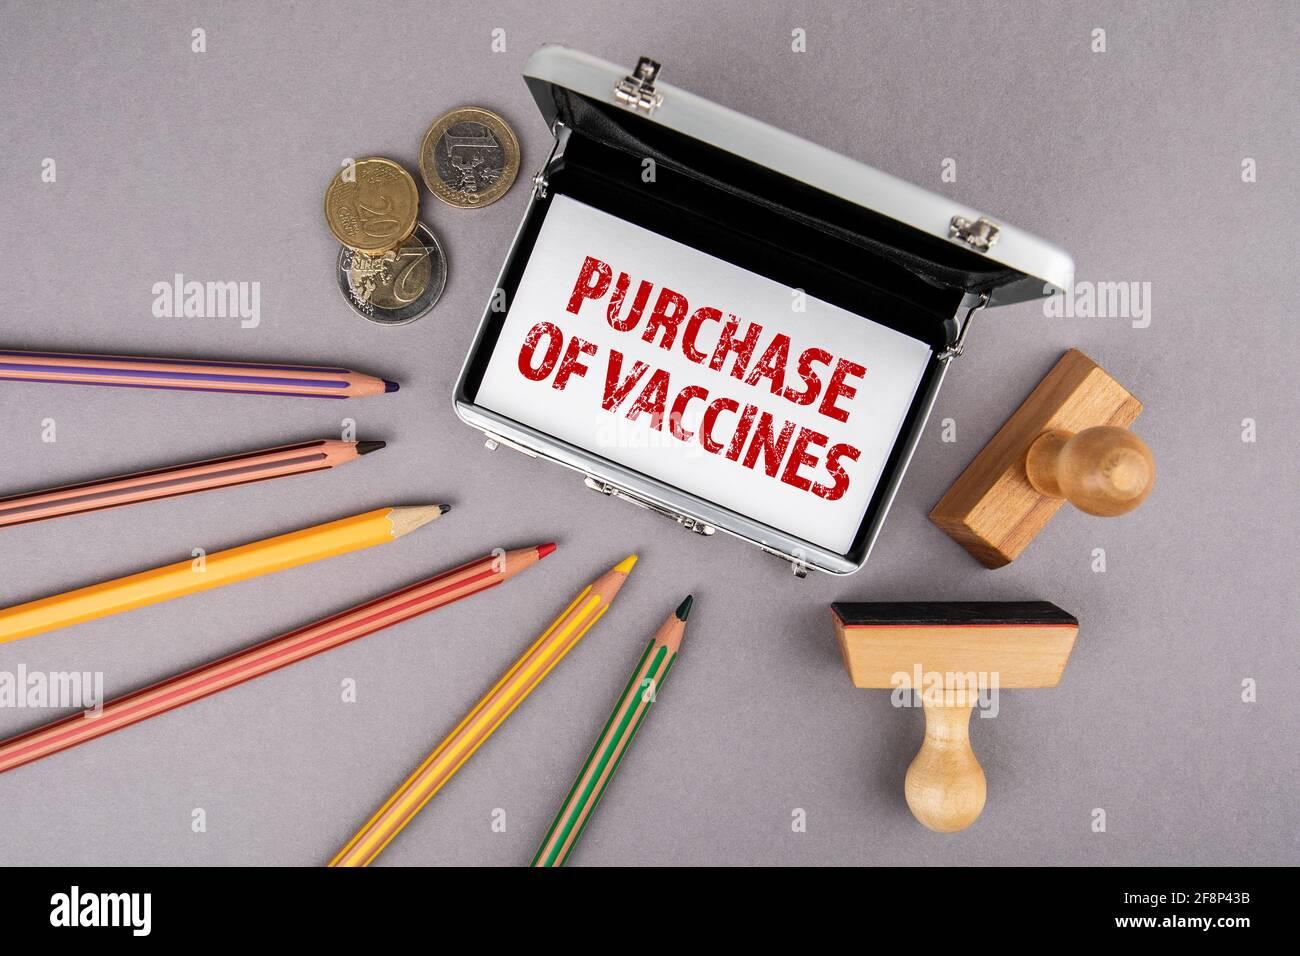 Kauf von Impfstoffen. Visitenkarten, Buntstifte und Euro-Geld auf einem grauen Schreibtisch. Stockfoto